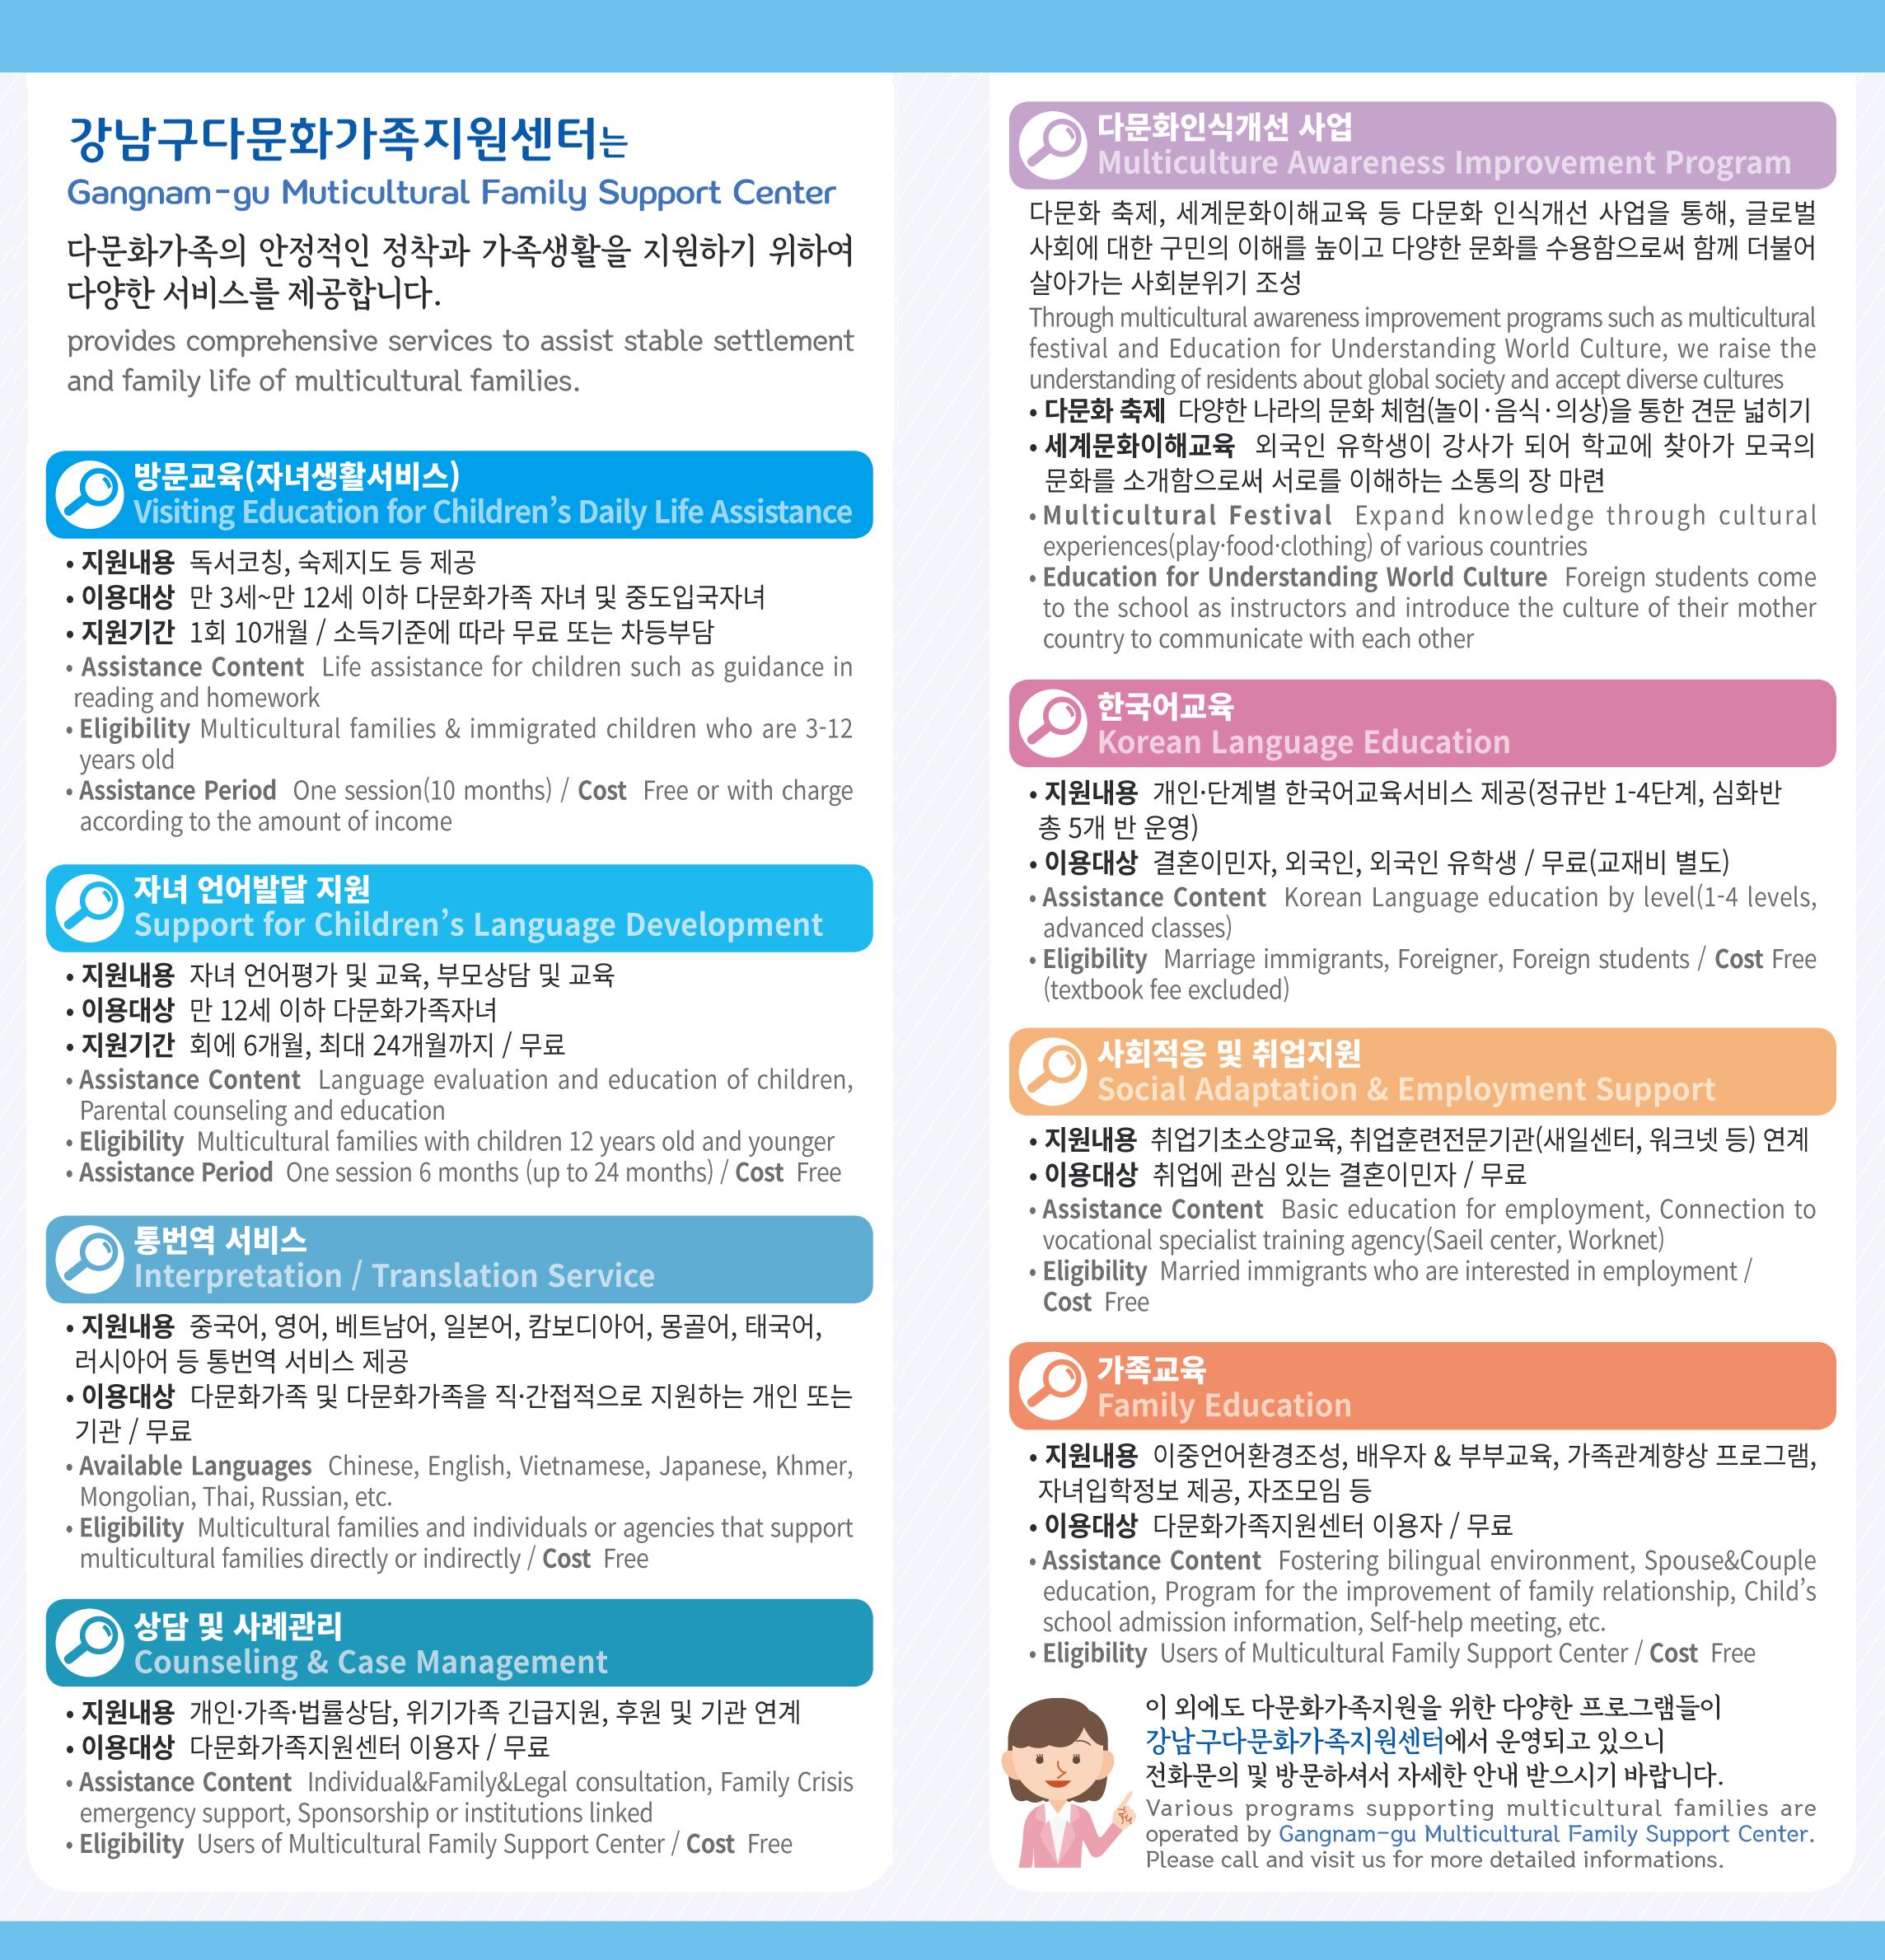 강남구다문화가족지원센터 프로그램